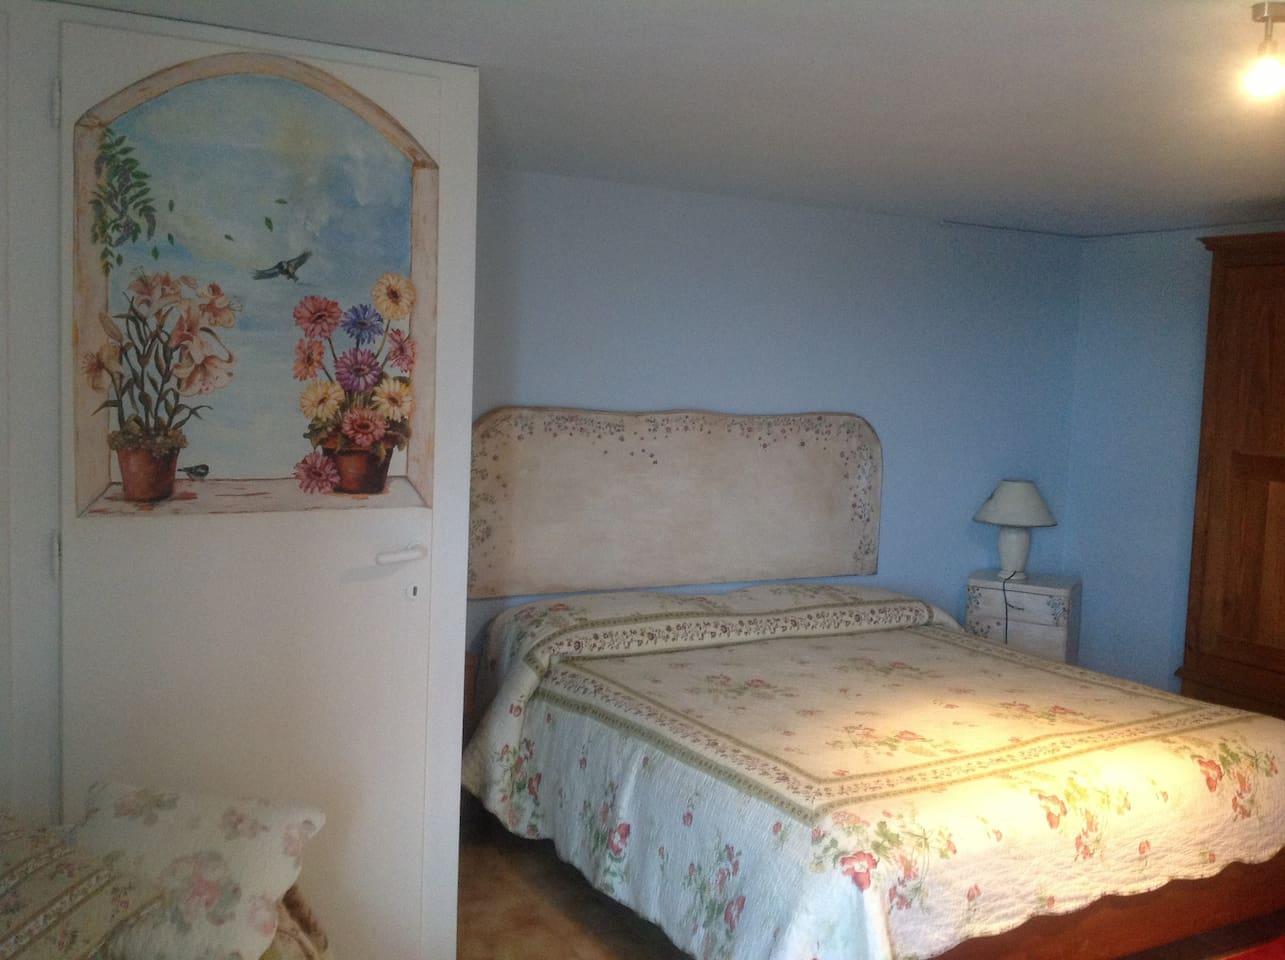 La camera è tripla con bagno all'interno ed è particolare perché piena di dipinti inoltre è unita ad una graziosa cucina con vista sul giardino.